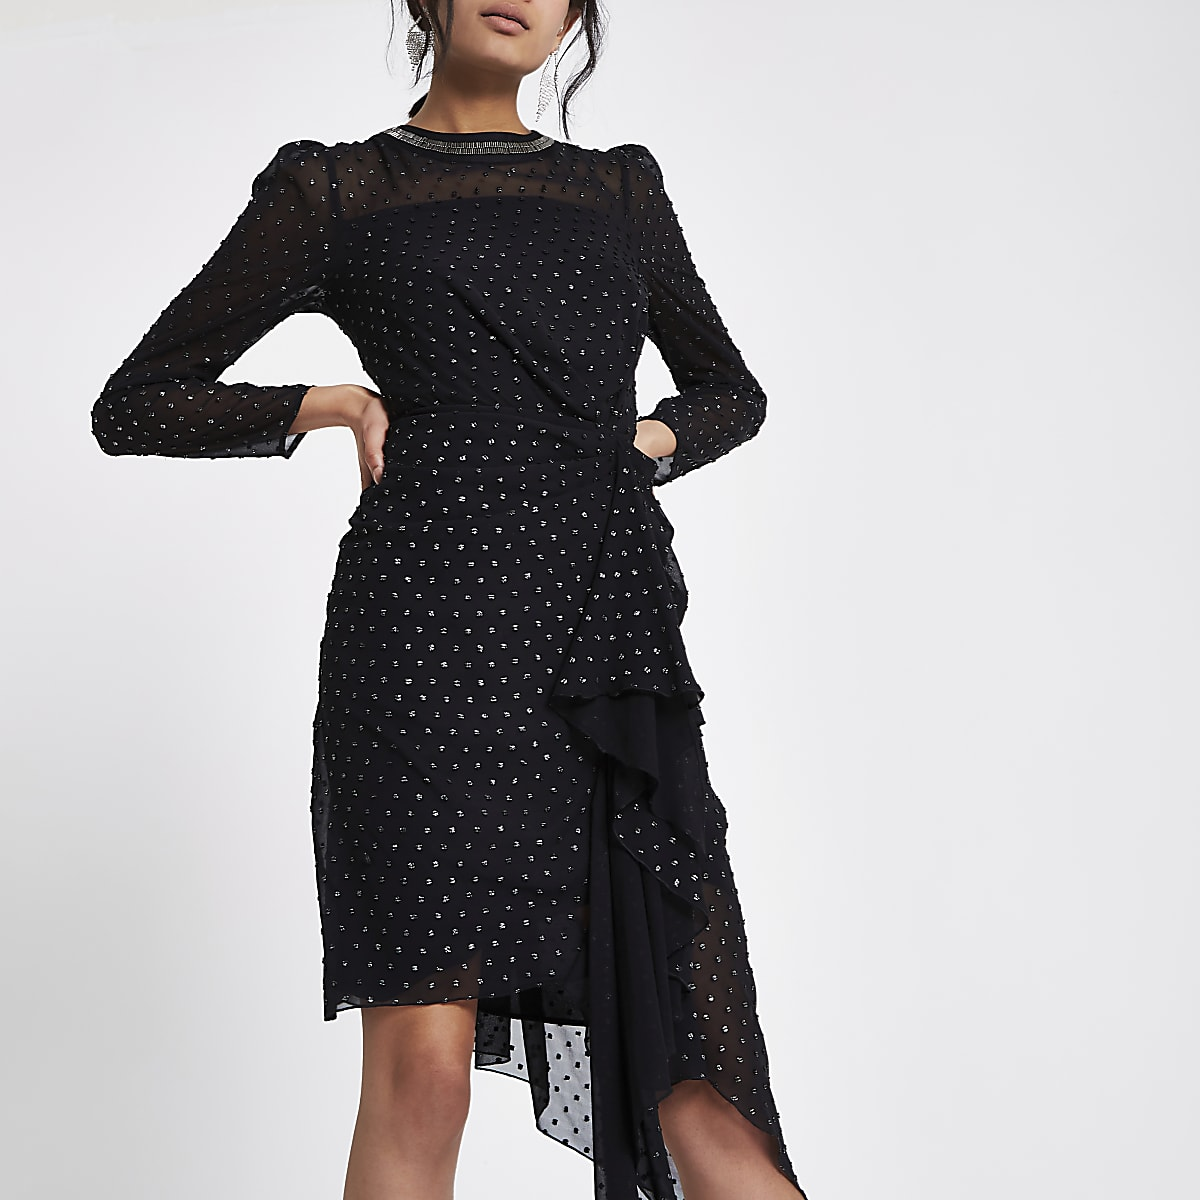 Kleid in Schwarz und Silber